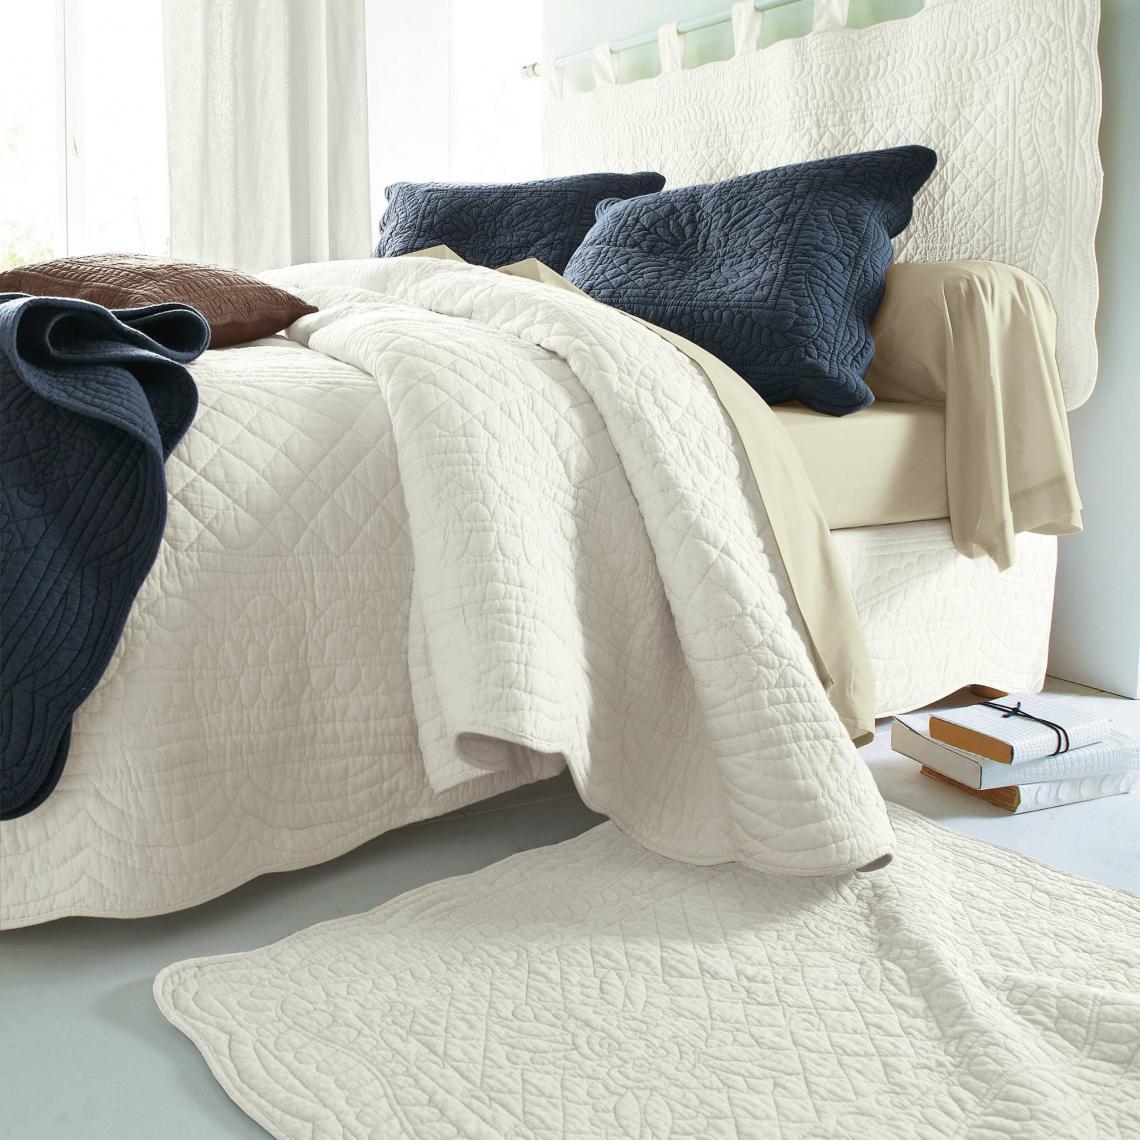 jet de lit uni boutis matelass coton tertio cru 3 suisses. Black Bedroom Furniture Sets. Home Design Ideas